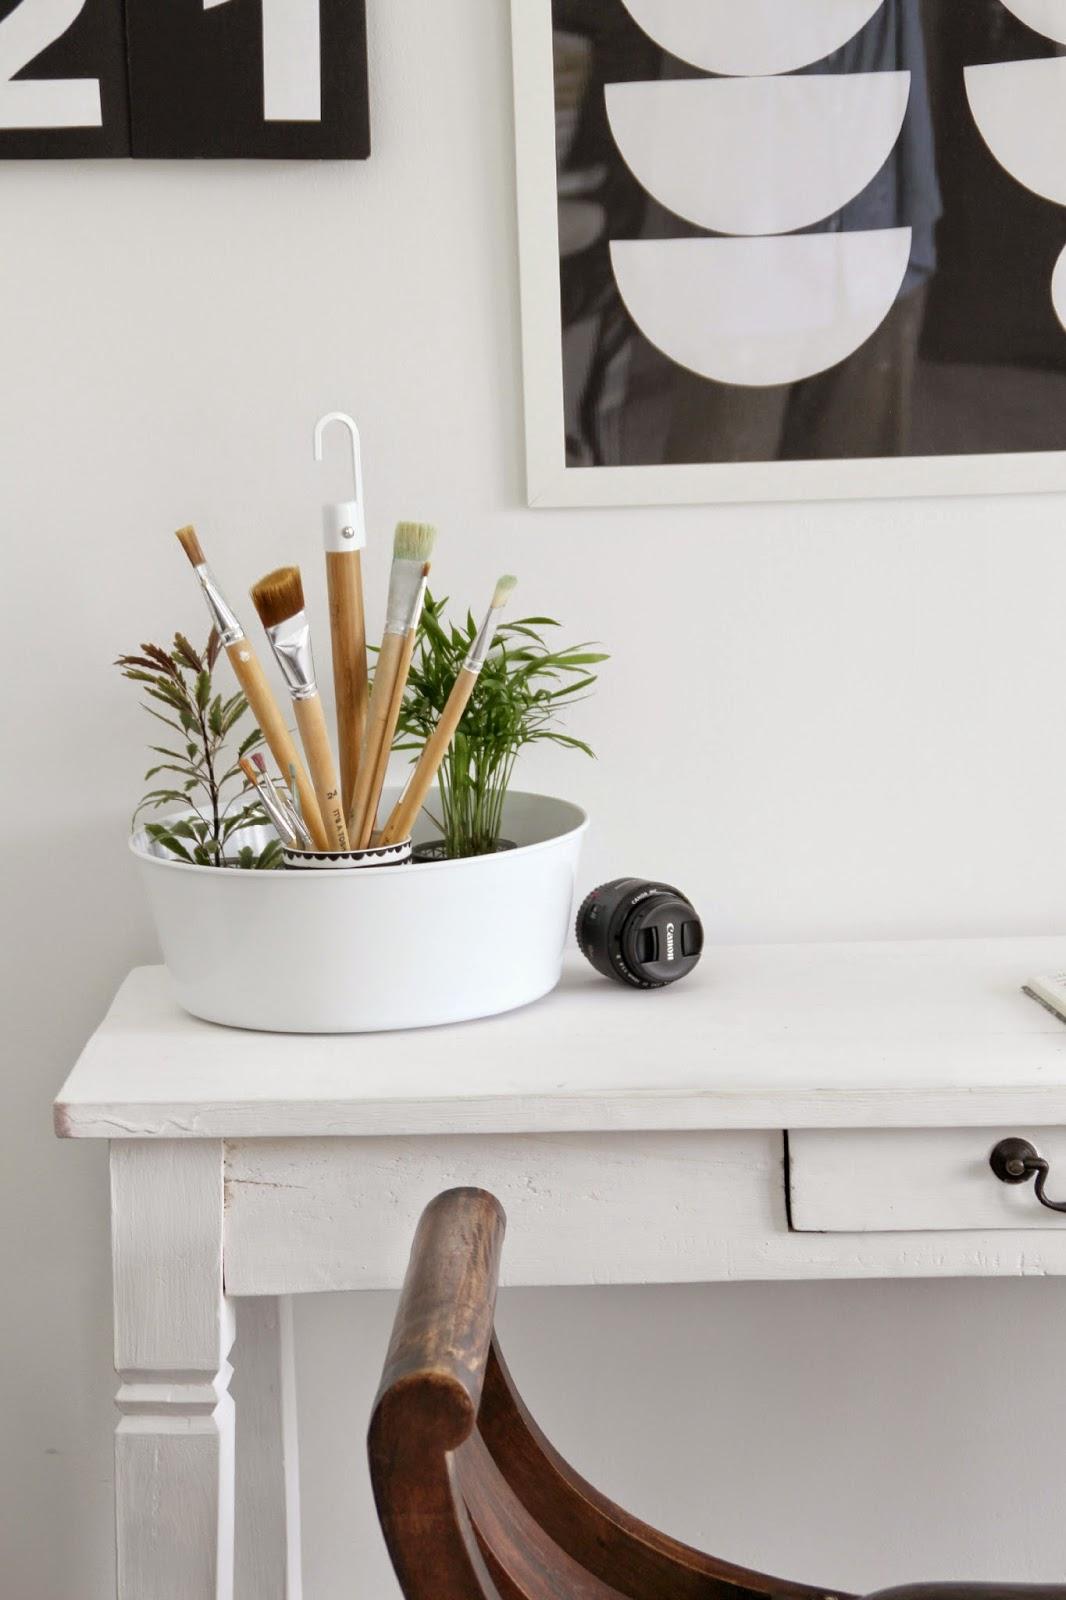 Hervorragend Ansicht Des Schreibtischs Mit Blumenampel Bittergurka Von Ikea Als  Pinselaufbewahrung